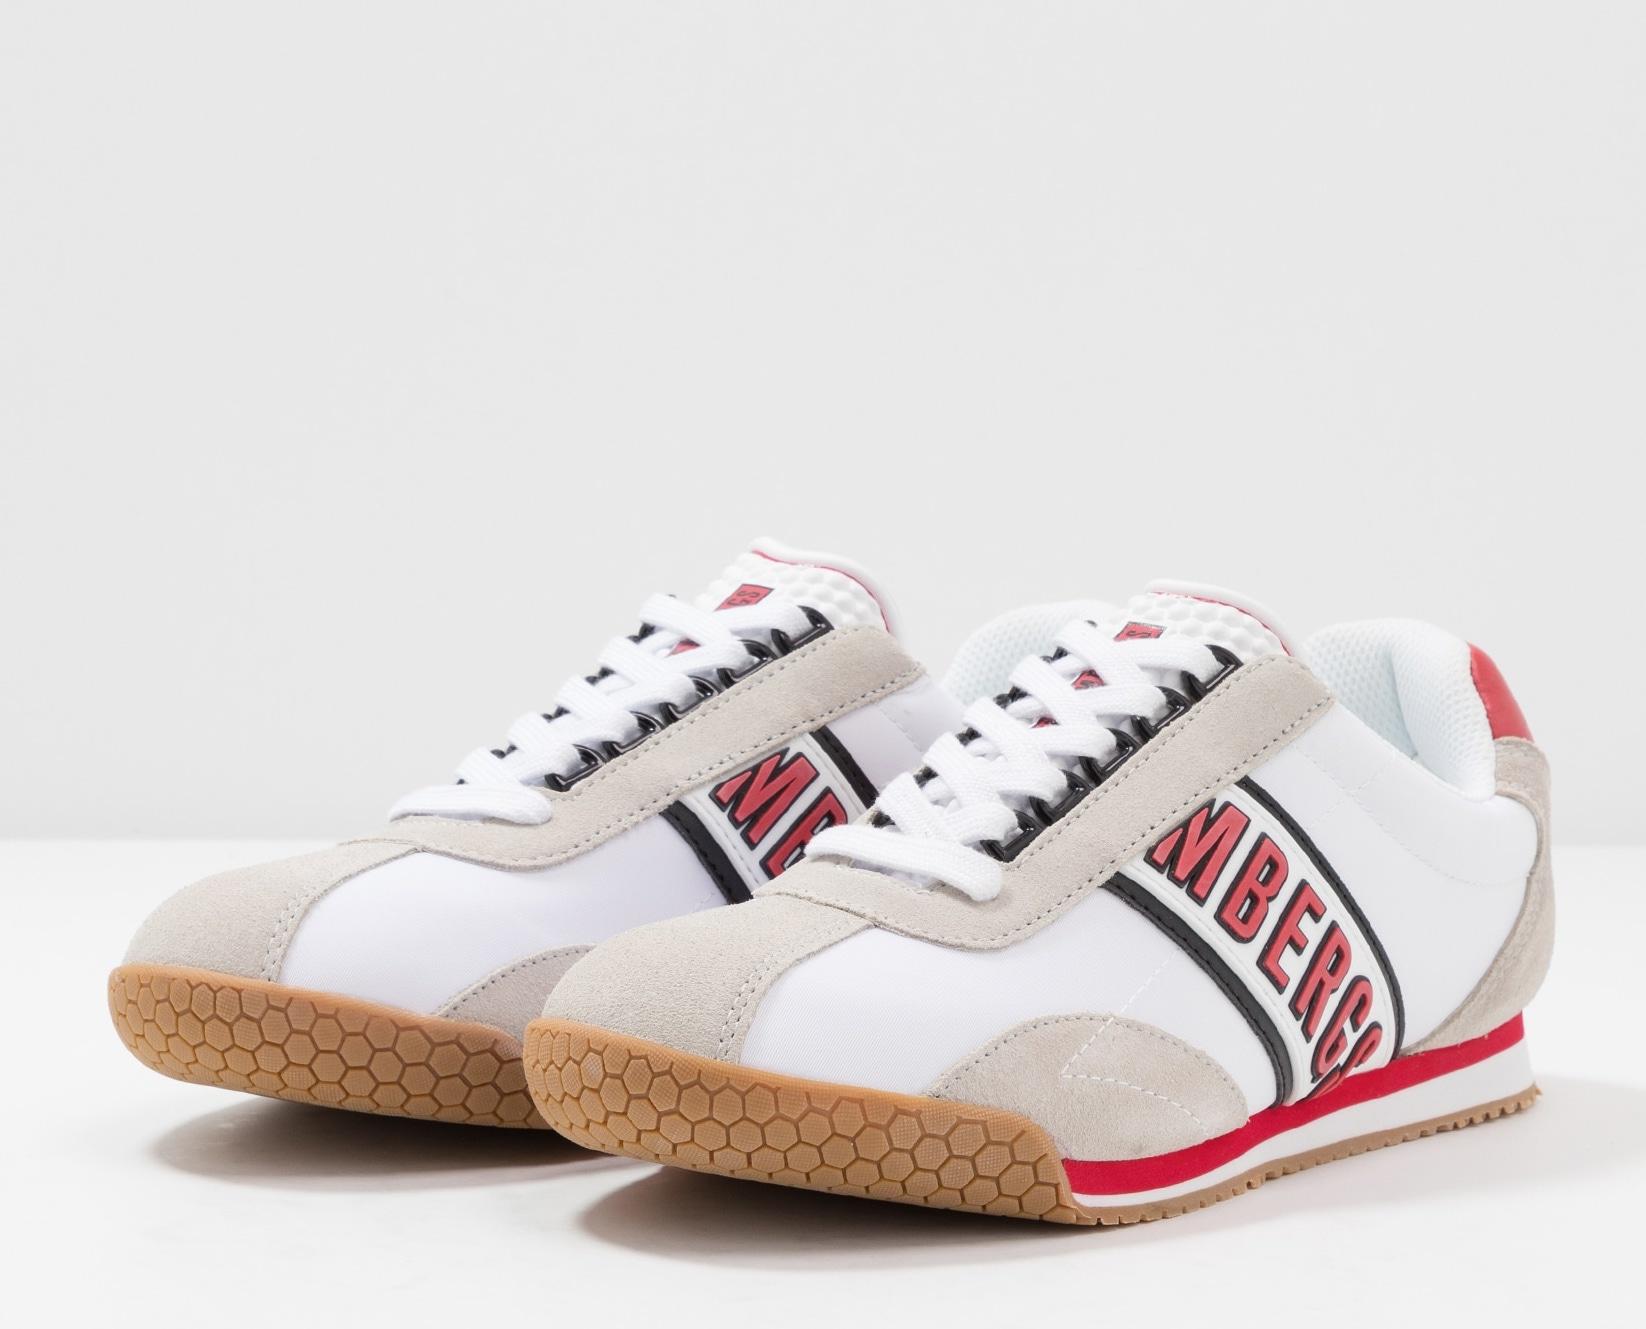 Zapatillas Bikkembergs de estilo Sport. [Tallas Limitadas]